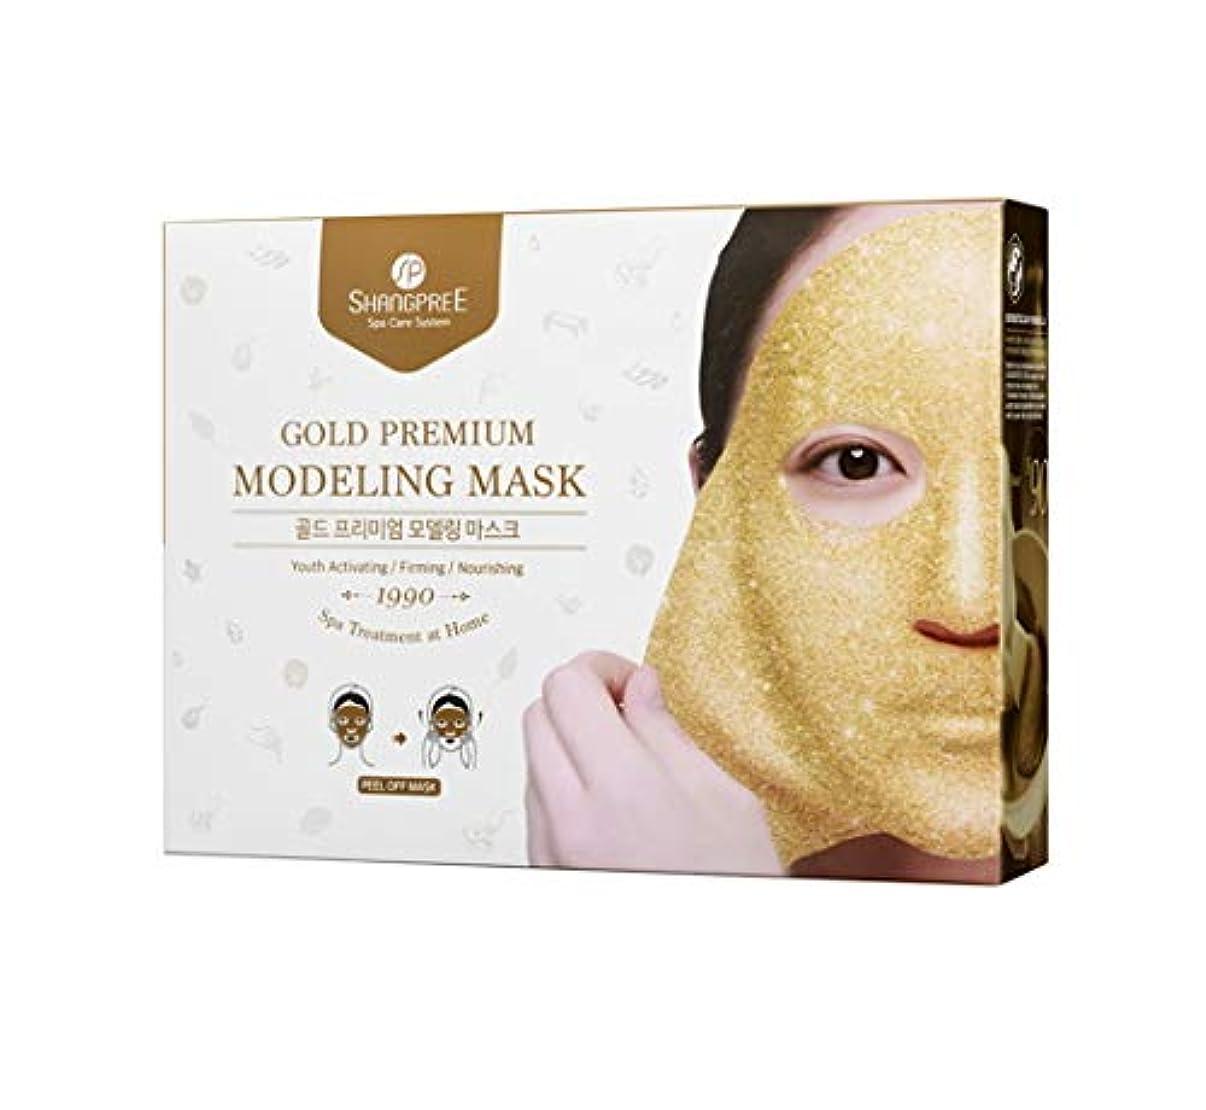 オプショナル文法ネストShangpree プレミアムゴールドモデリングマスク 5枚 gold premium modeling mask 5ea (並行輸入品)